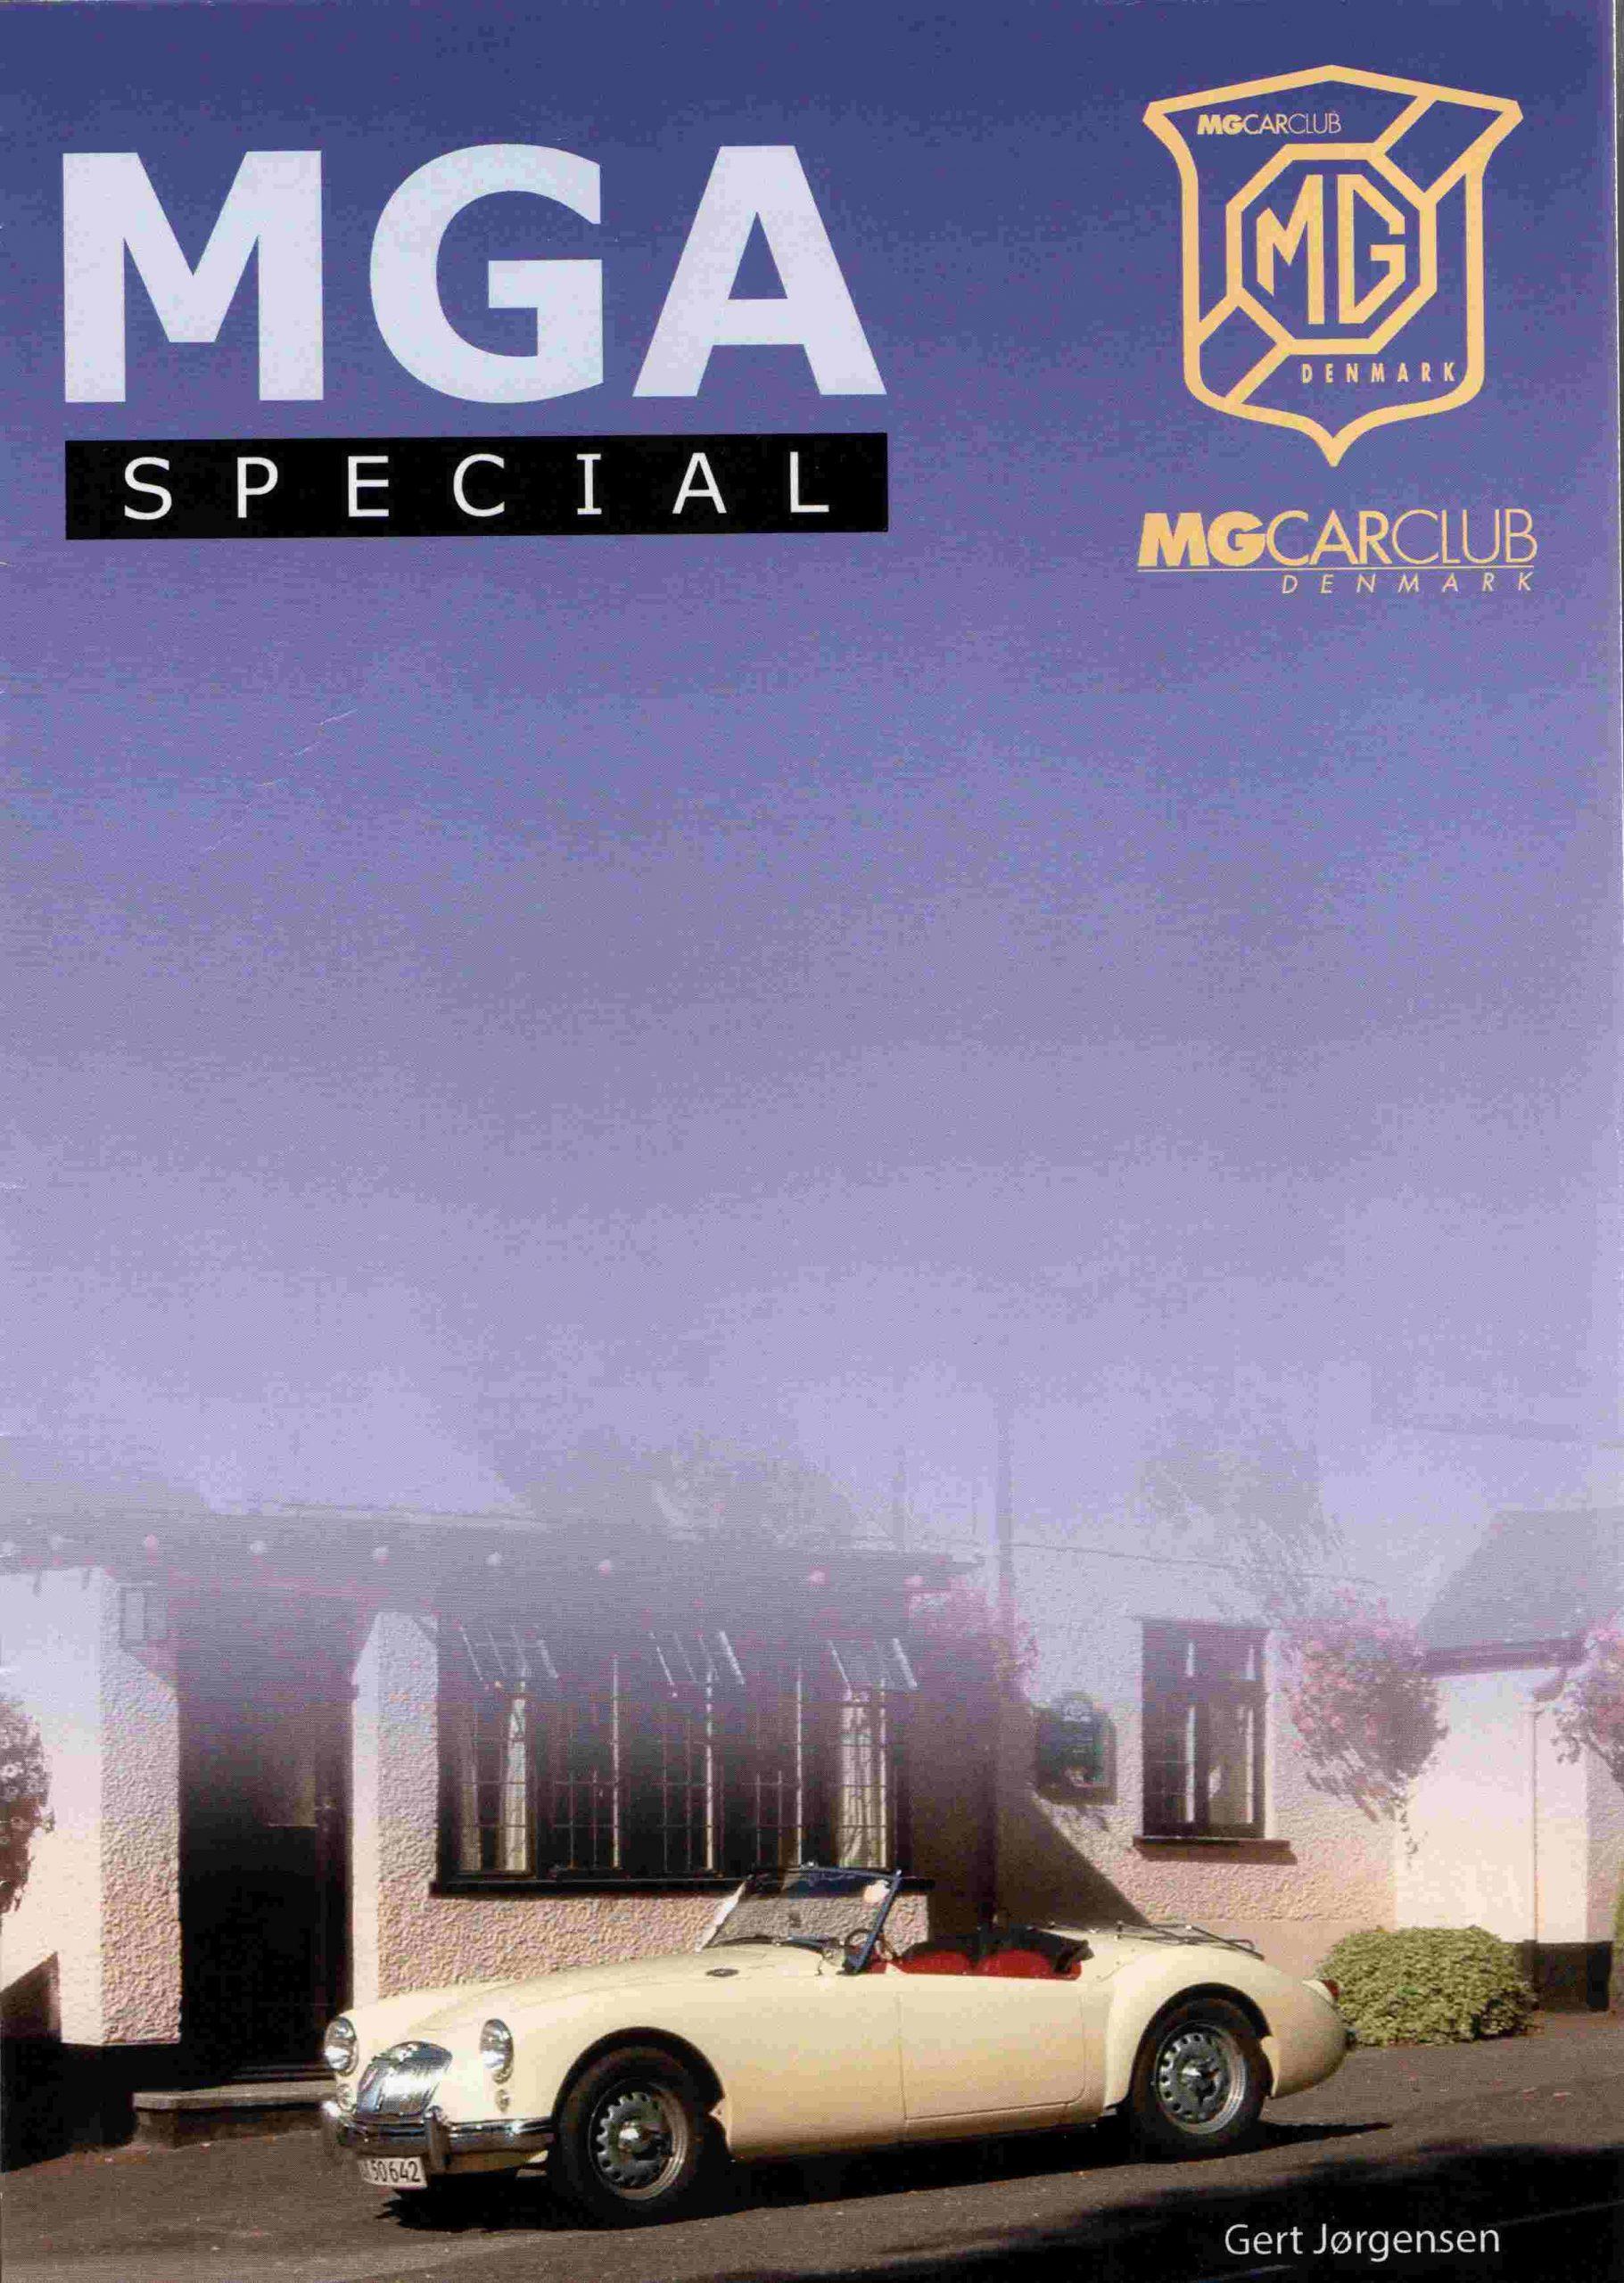 MGA  Special. MGA – ID koder, numre og farver